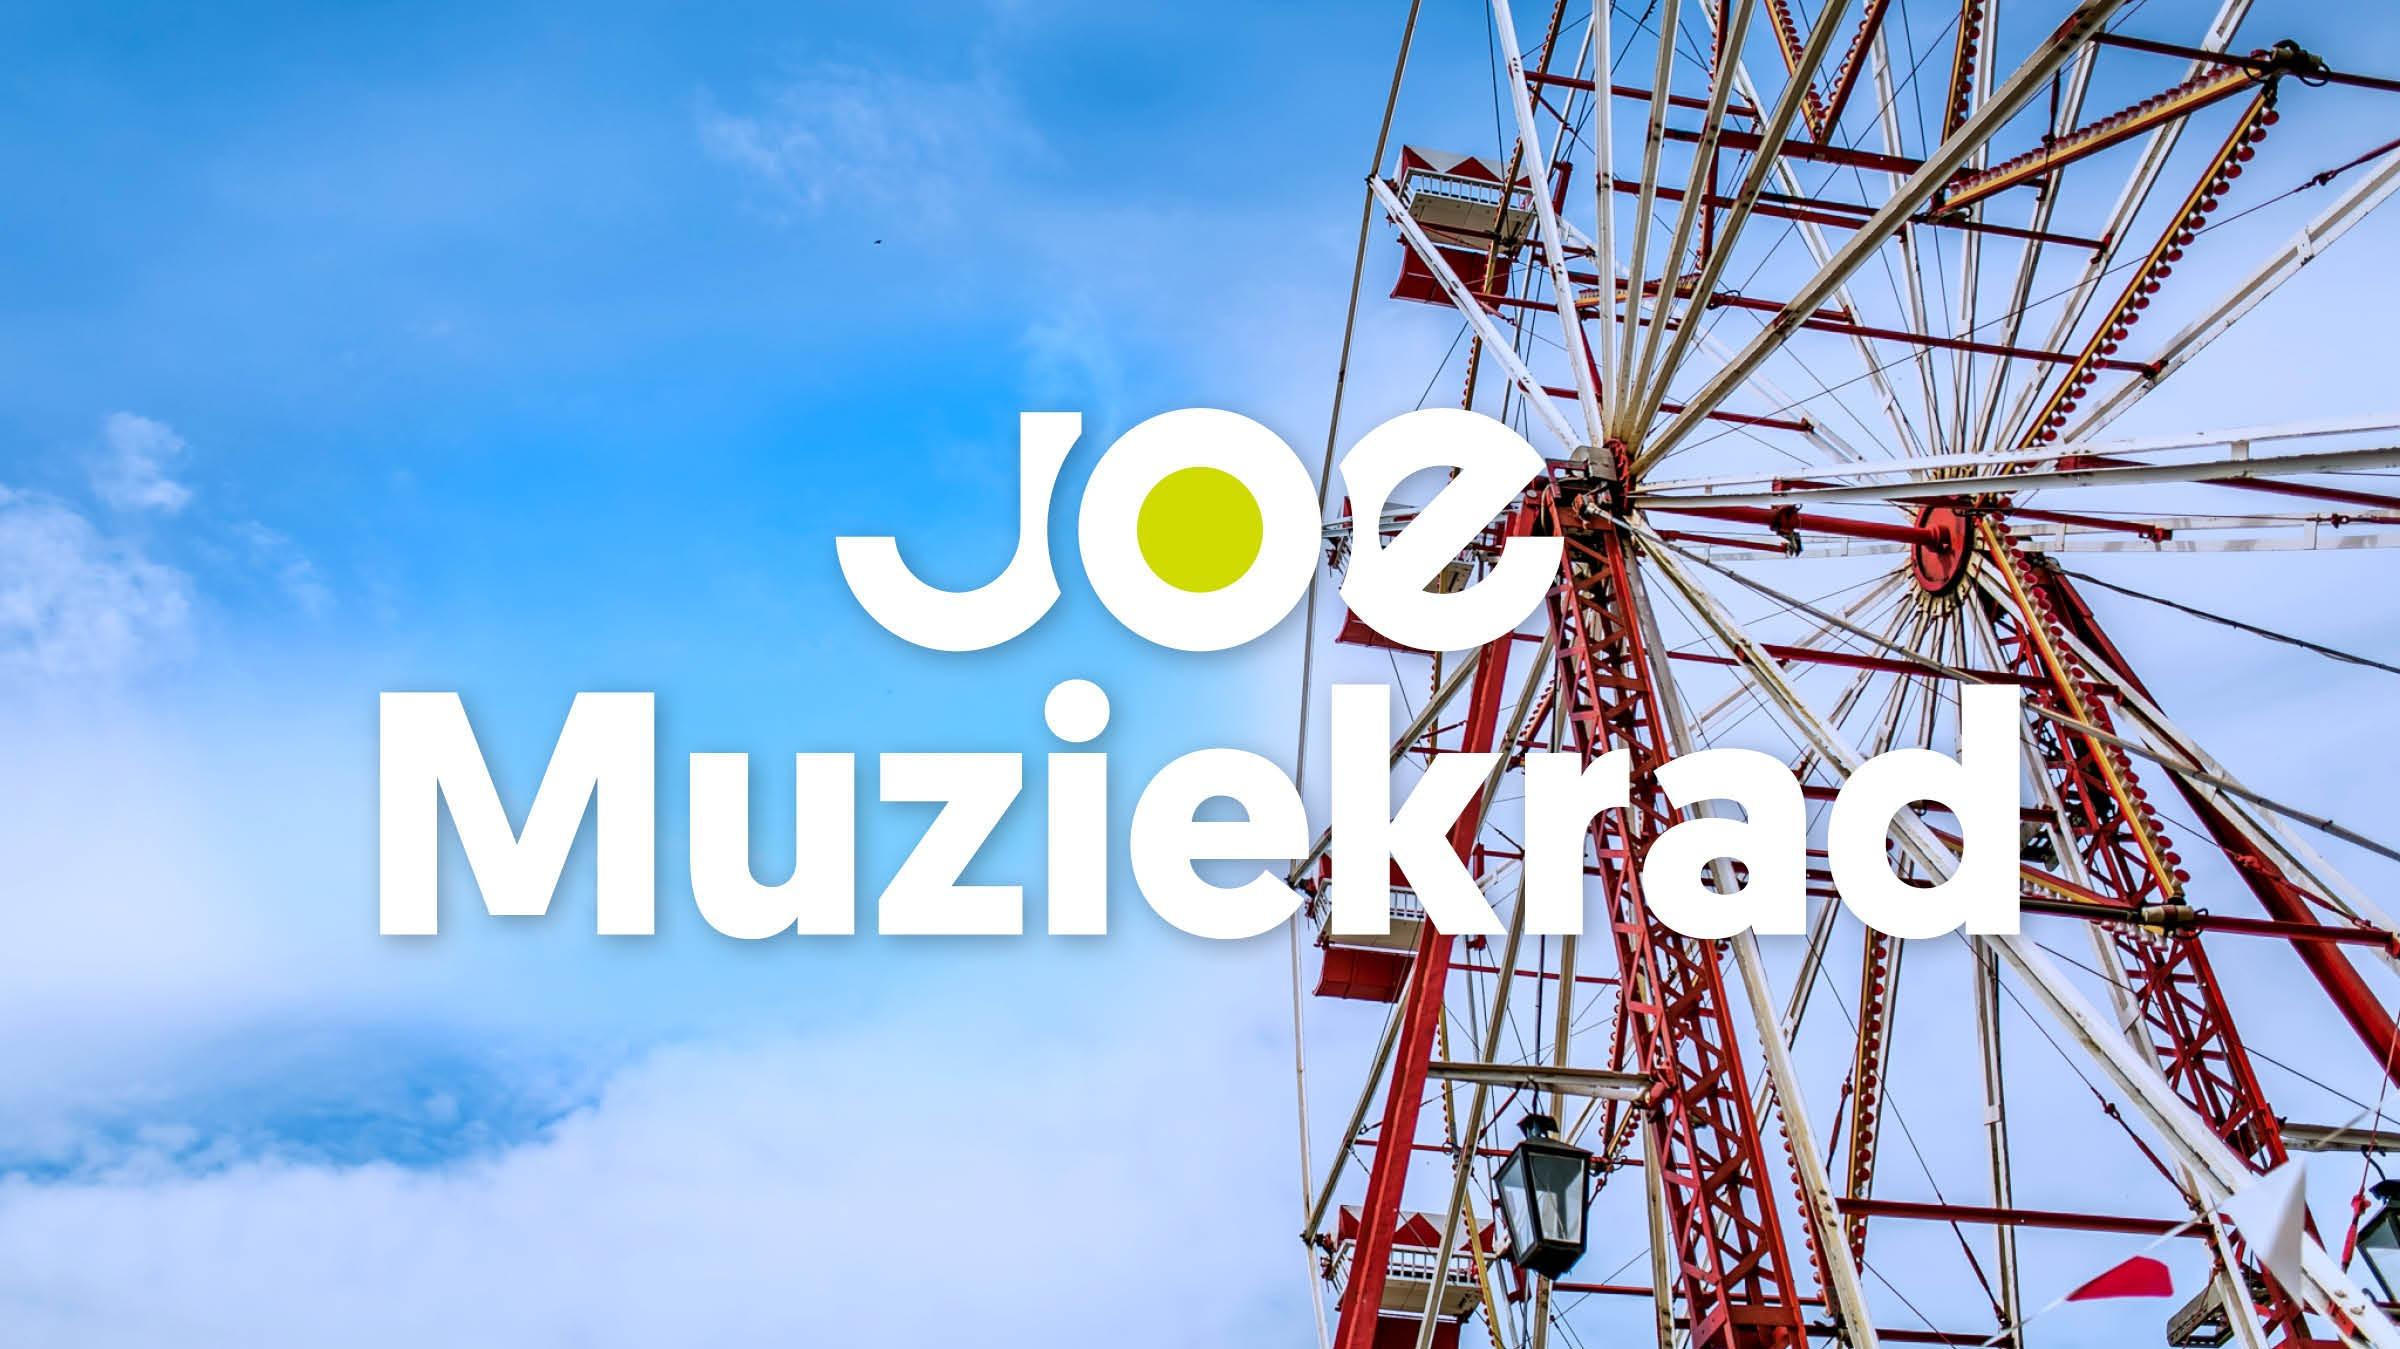 Joe site muziekrad